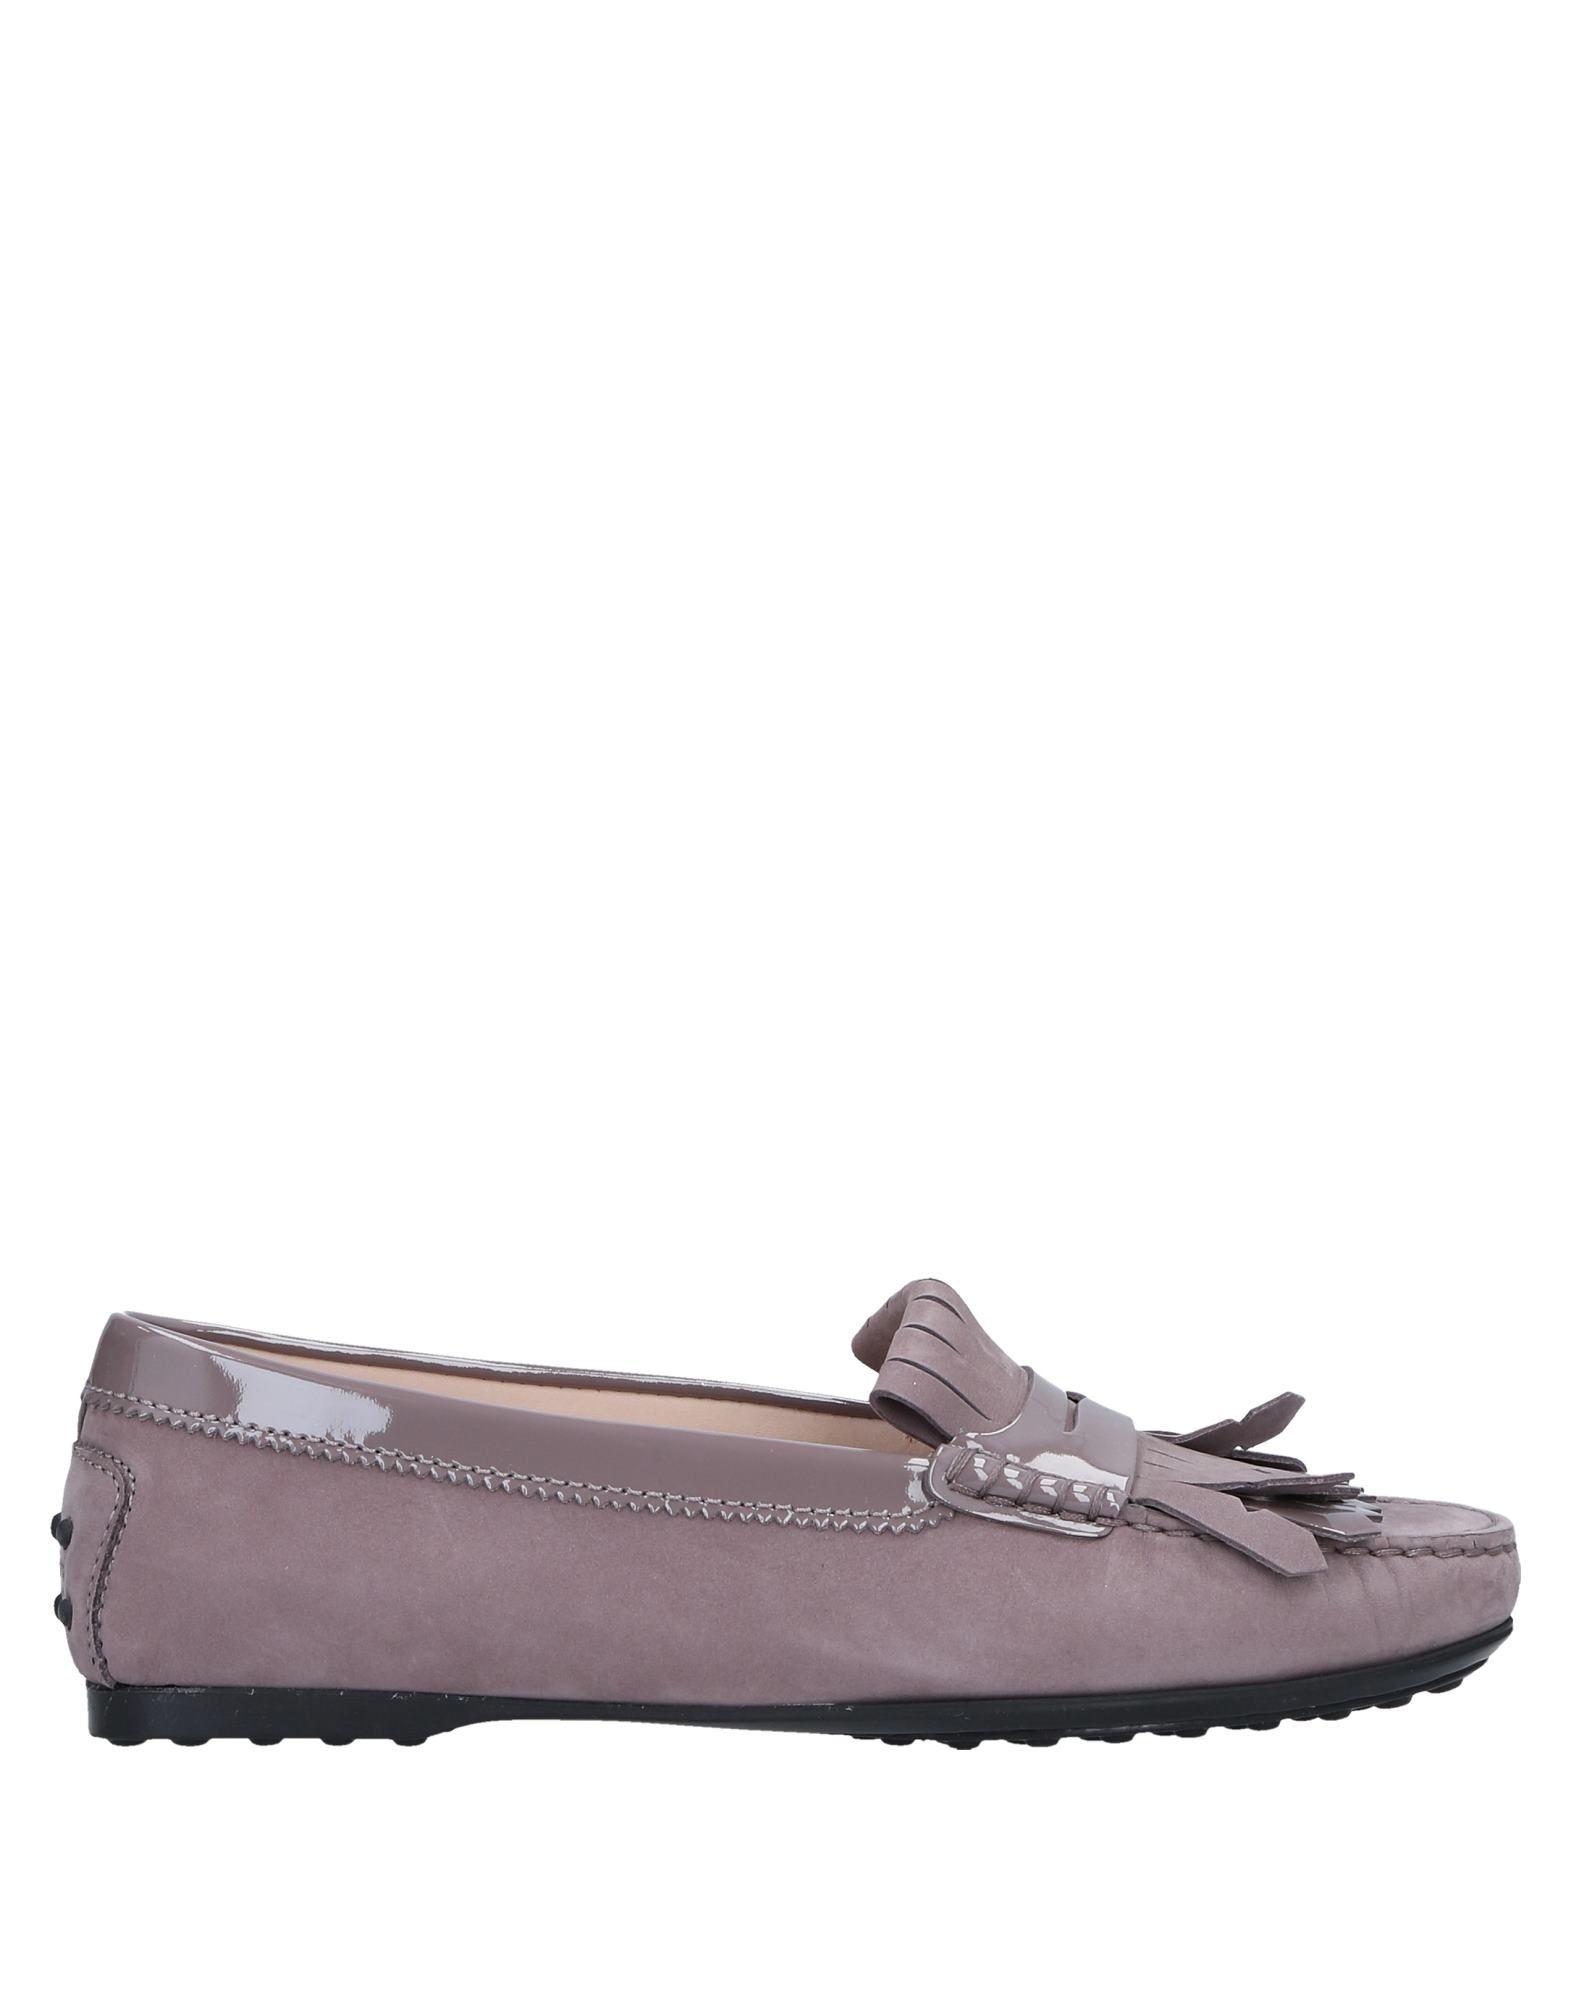 Rabatt Schuhe Tod's Mokassins Damen  11542217JT